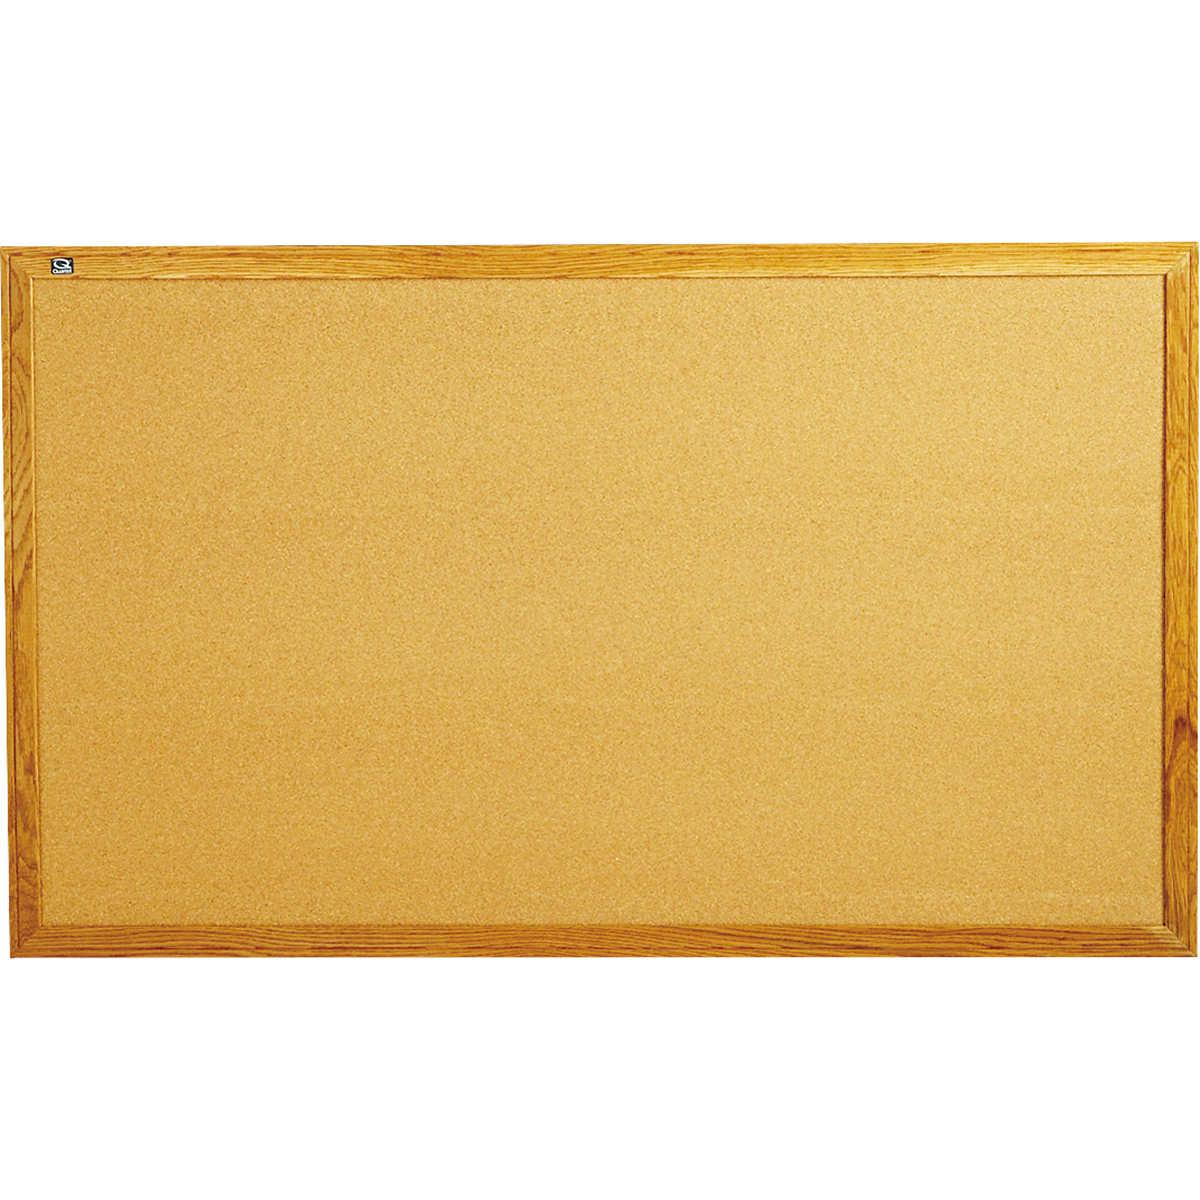 Cork Bulletin Board Bulletin Dry Erase Boards